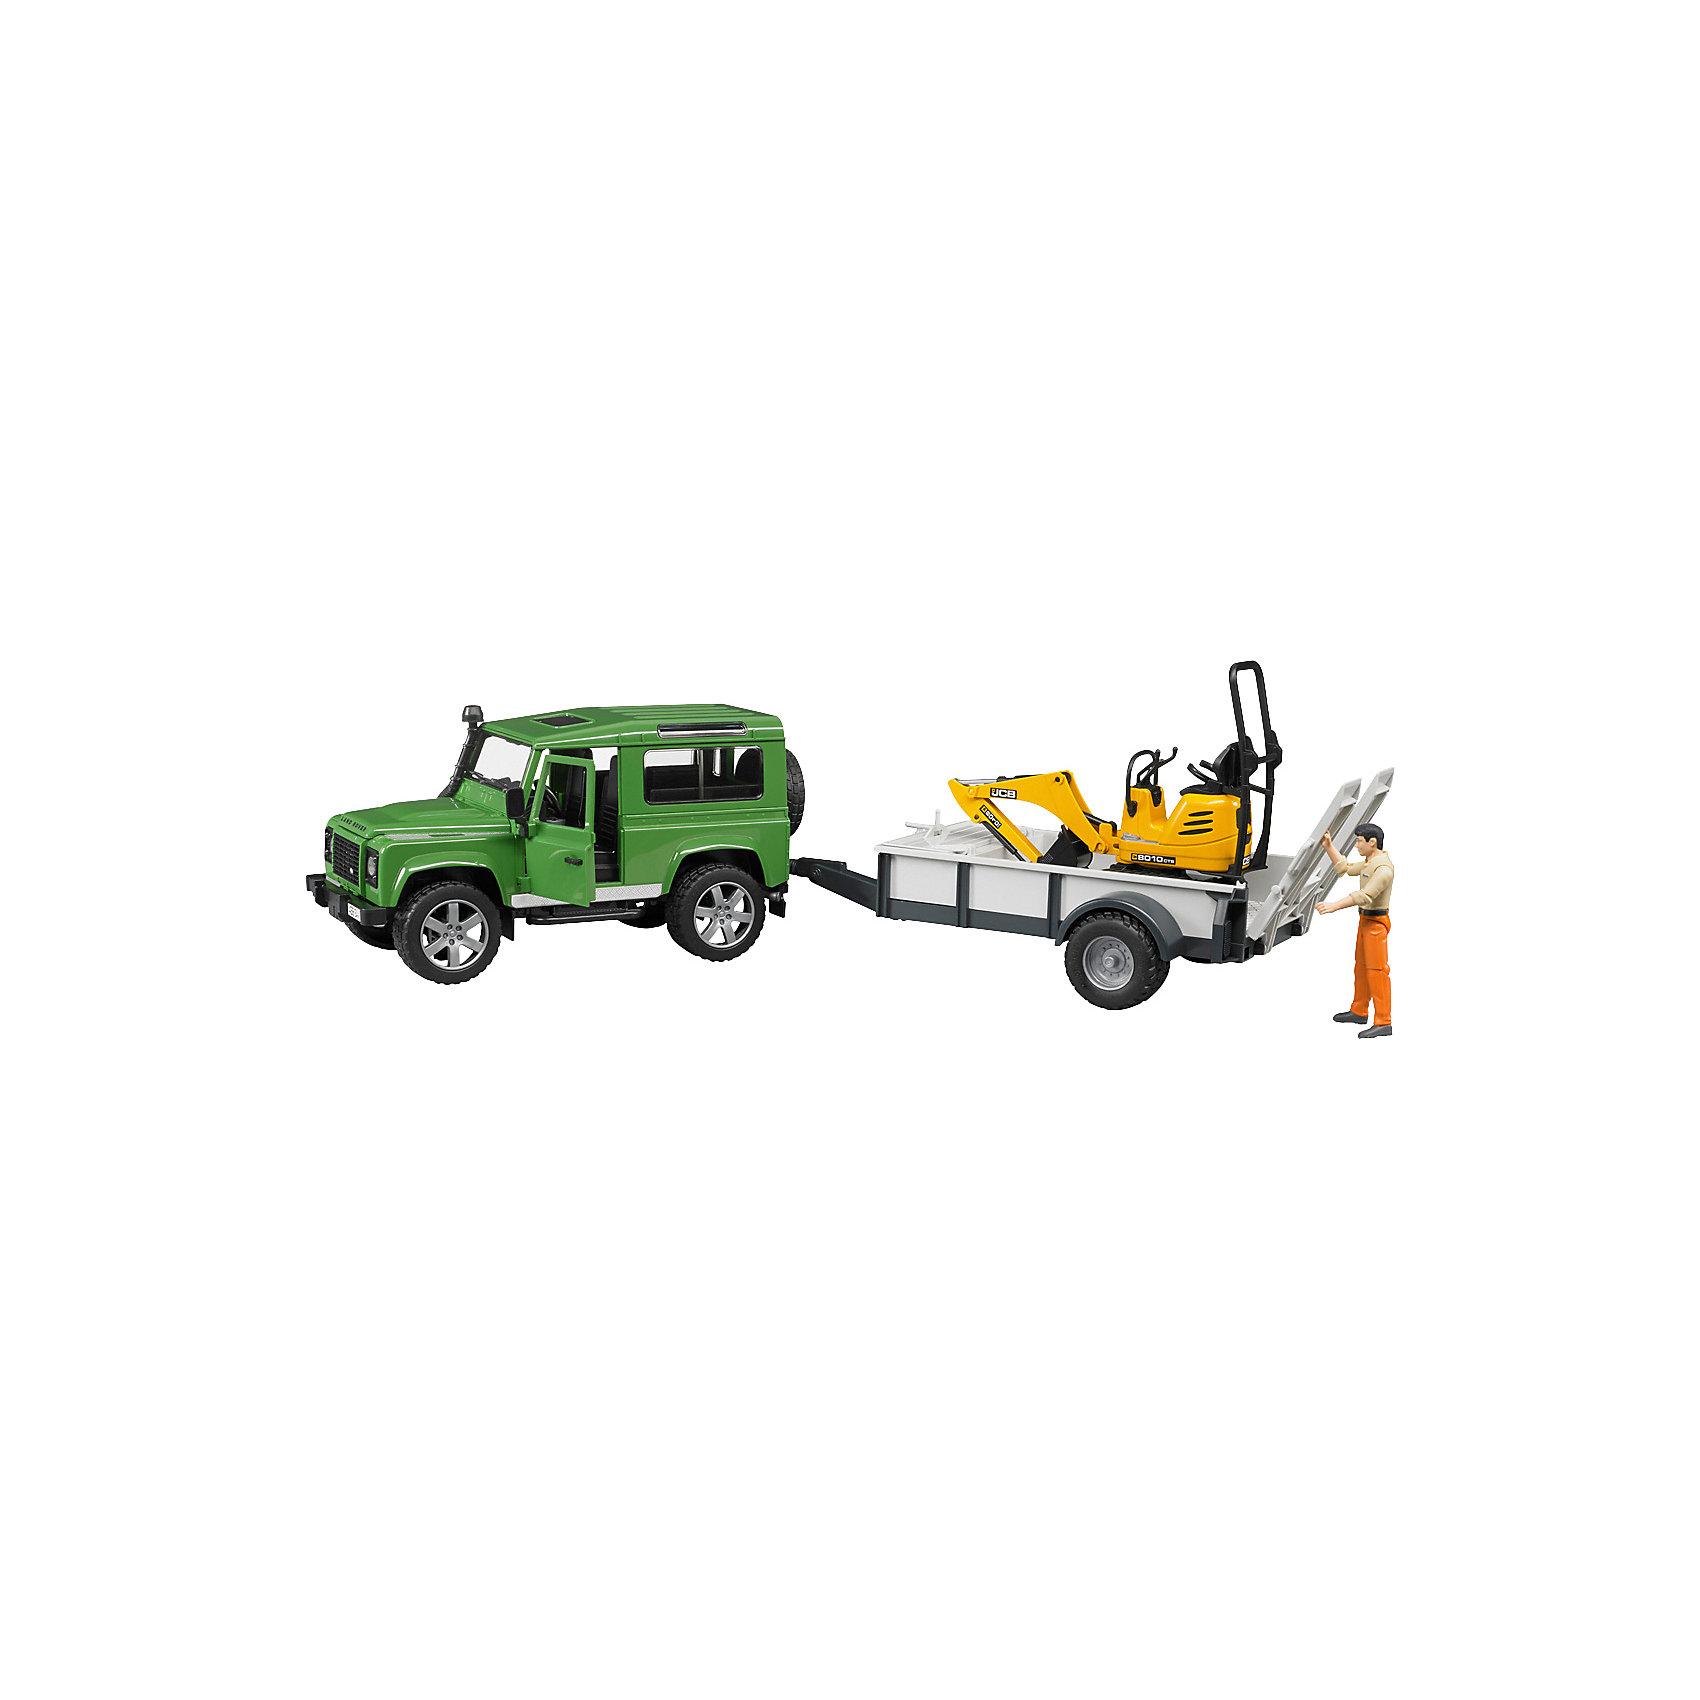 Внедорожник Land Rover c прицепом-платформой,  BruderВнедорожник Land Rover Defender c прицепом-платформой, гусеничным мини-экскаватором 8010 CTS и рабочим Bruder (Брудер) - увлекательный игровой набор, который порадует любого ребенка и даже взрослого. Автотехника Брудер отличается высоким качеством исполнения и проработкой всех деталей и представляет для ребенка большую познавательную ценность.<br><br>Особенности автомобиля: управлять машиной можно как изнутри кабины, так и снаружи - через раздвижную крышу с помощью вставного рулевого стержня. Кабина оснащена рулем, который вращается и управляет передними колесами. Задние сиденья съемные. Капот можно открыть и зафиксировать, под капотом находится декоративный двигатель.<br><br>Прицеп-платформа оснащена опорой, тягово-сцепным устройством и ящиком для инструментов. Задний борт платформы опускается, выдвигается трап, по которому можно загружать автомобили и дополнительную технику на платформу.<br><br>Платформа гусеничного мини-экскаватора поворачивается на 360°, ковш опускается и поднимается. Колёса прорезинены.<br><br>Дополнительная информация:<br><br>- В наборе: внедорожник, прицеп-платформа, мини экскаватор, фигурка рабочего.<br>- Материал: высококачественный пластик, резина. <br>- Размер игрушки:  66 х 22,2 х 17,5 см.<br>- Размер упаковки: 73 х 18 х 23 см.<br>- Вес: 1,6 кг.<br><br>Внедорожник Land Rover Defender c прицепом-платформой Bruder можно купить в нашем интернет-магазине.<br><br>Ширина мм: 670<br>Глубина мм: 225<br>Высота мм: 190<br>Вес г: 1420<br>Возраст от месяцев: 48<br>Возраст до месяцев: 96<br>Пол: Мужской<br>Возраст: Детский<br>SKU: 2514131